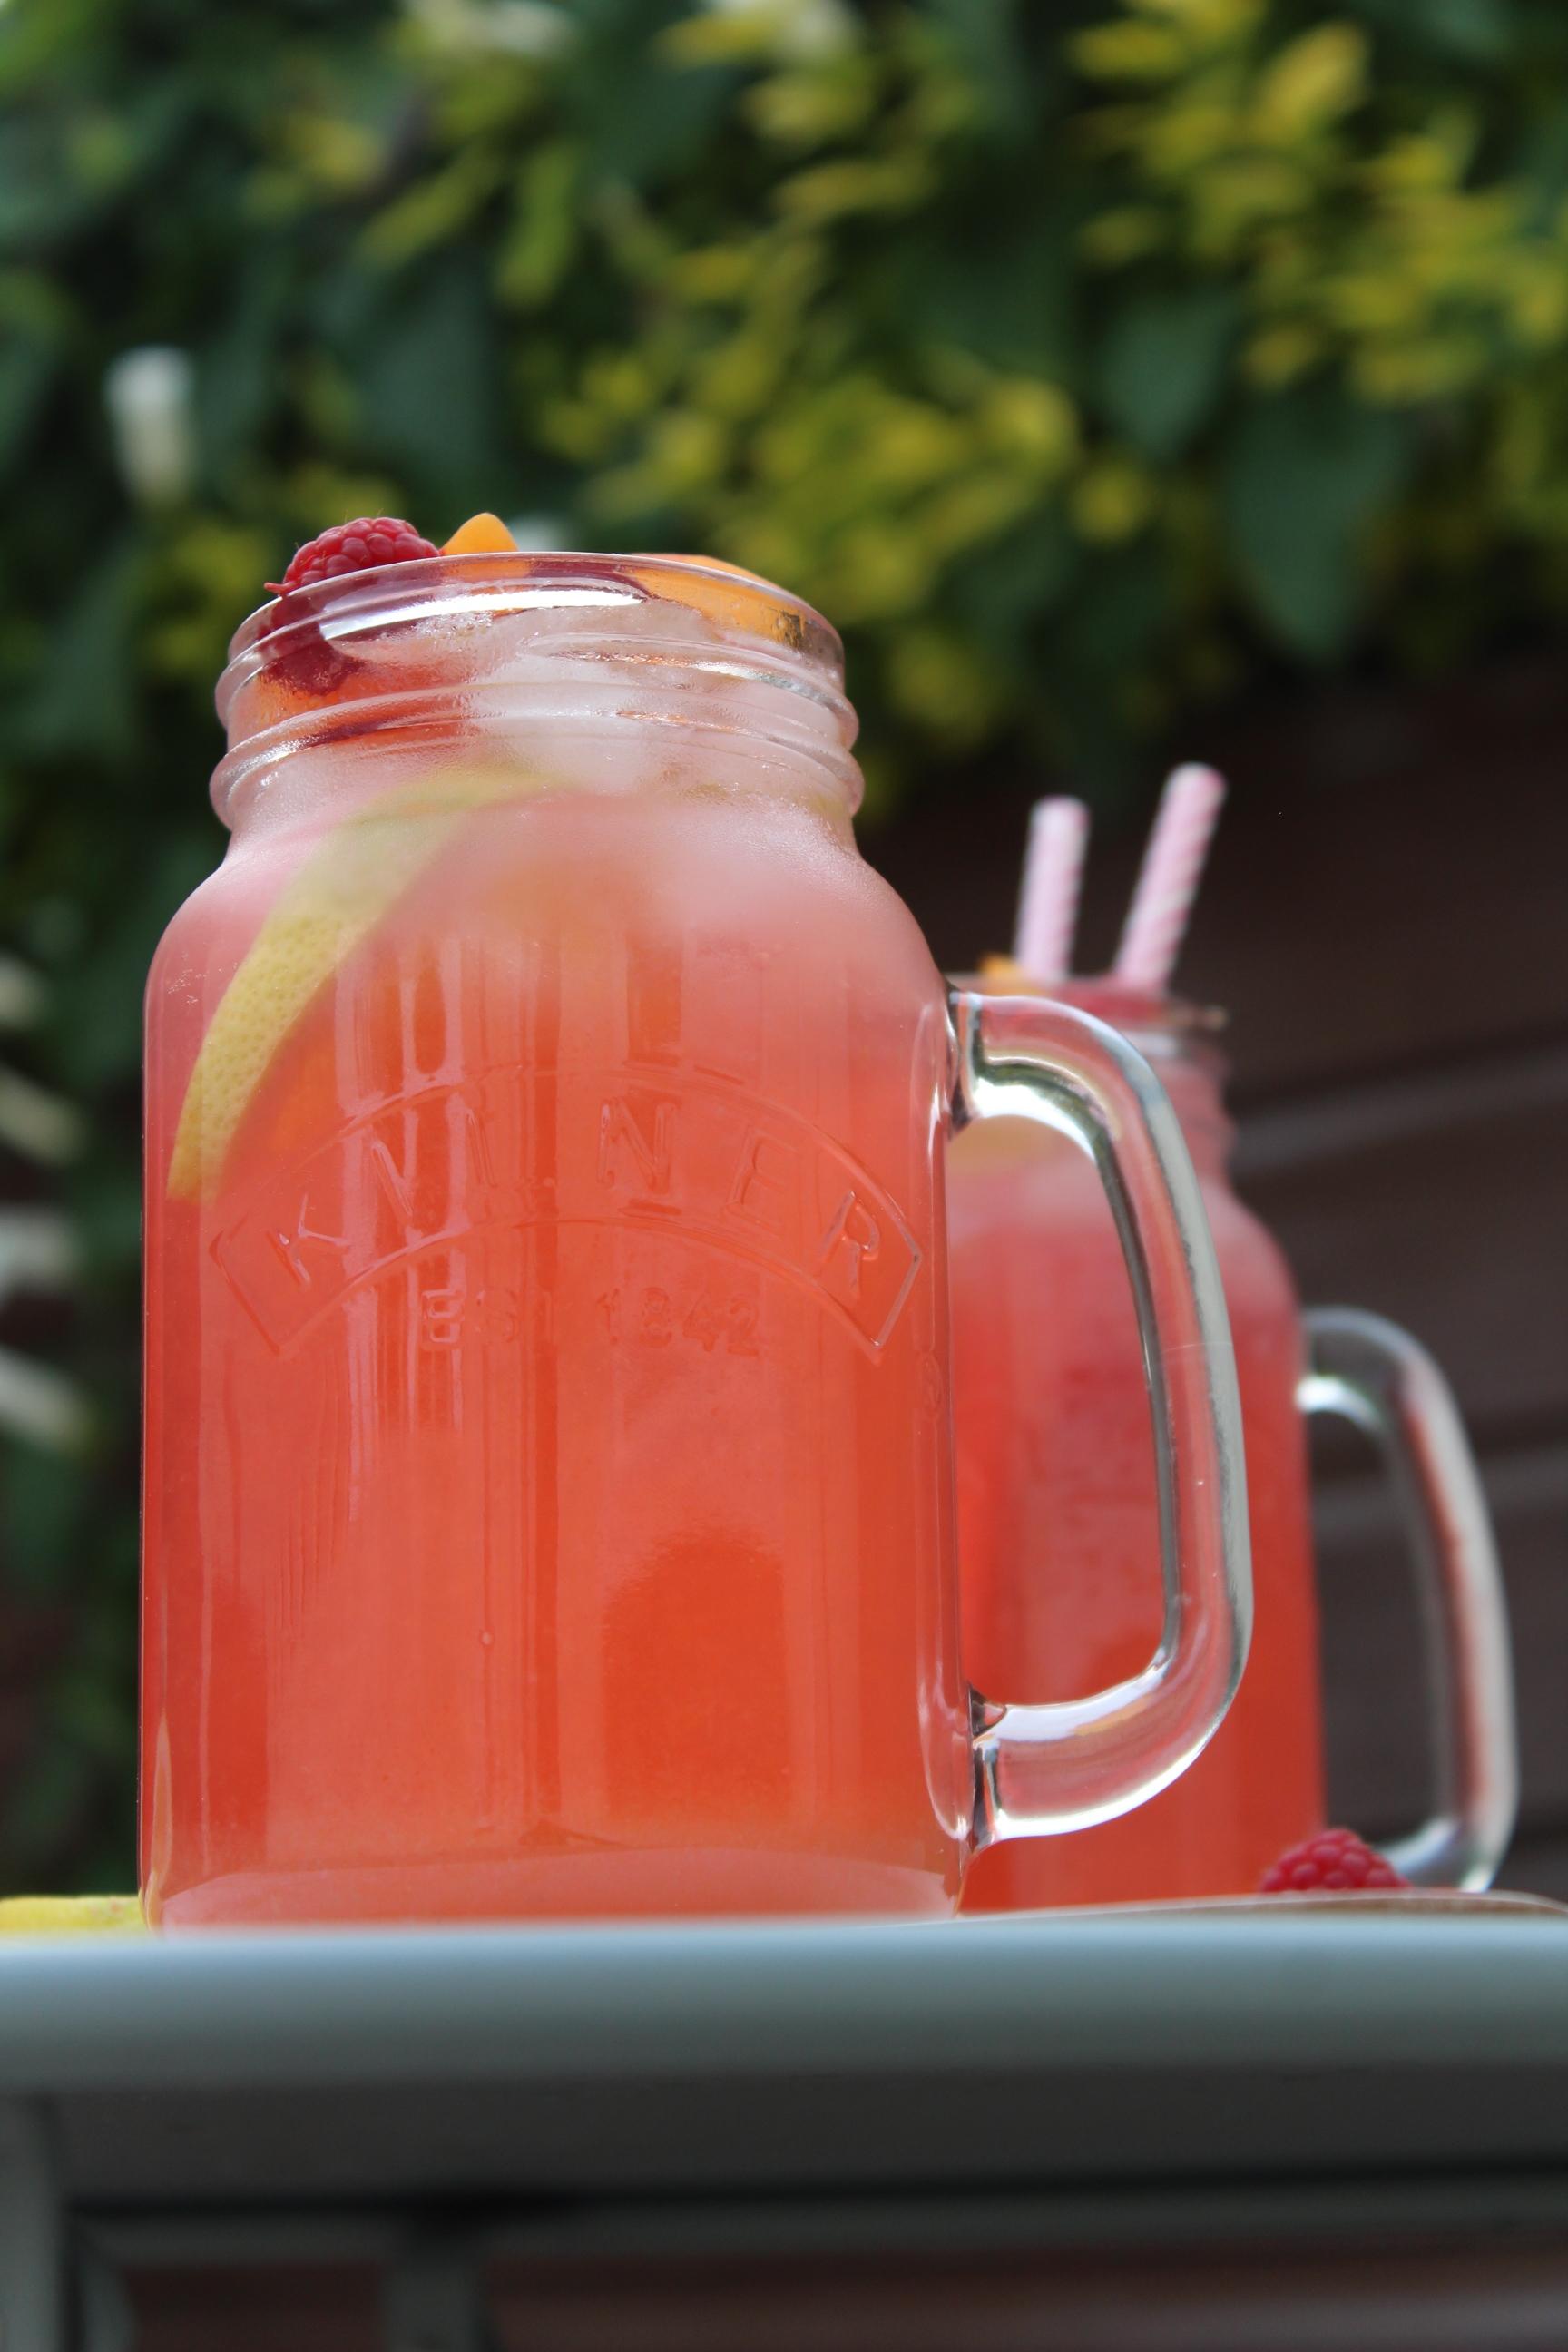 Honey-apricot-raspberry-lemonade.JPG